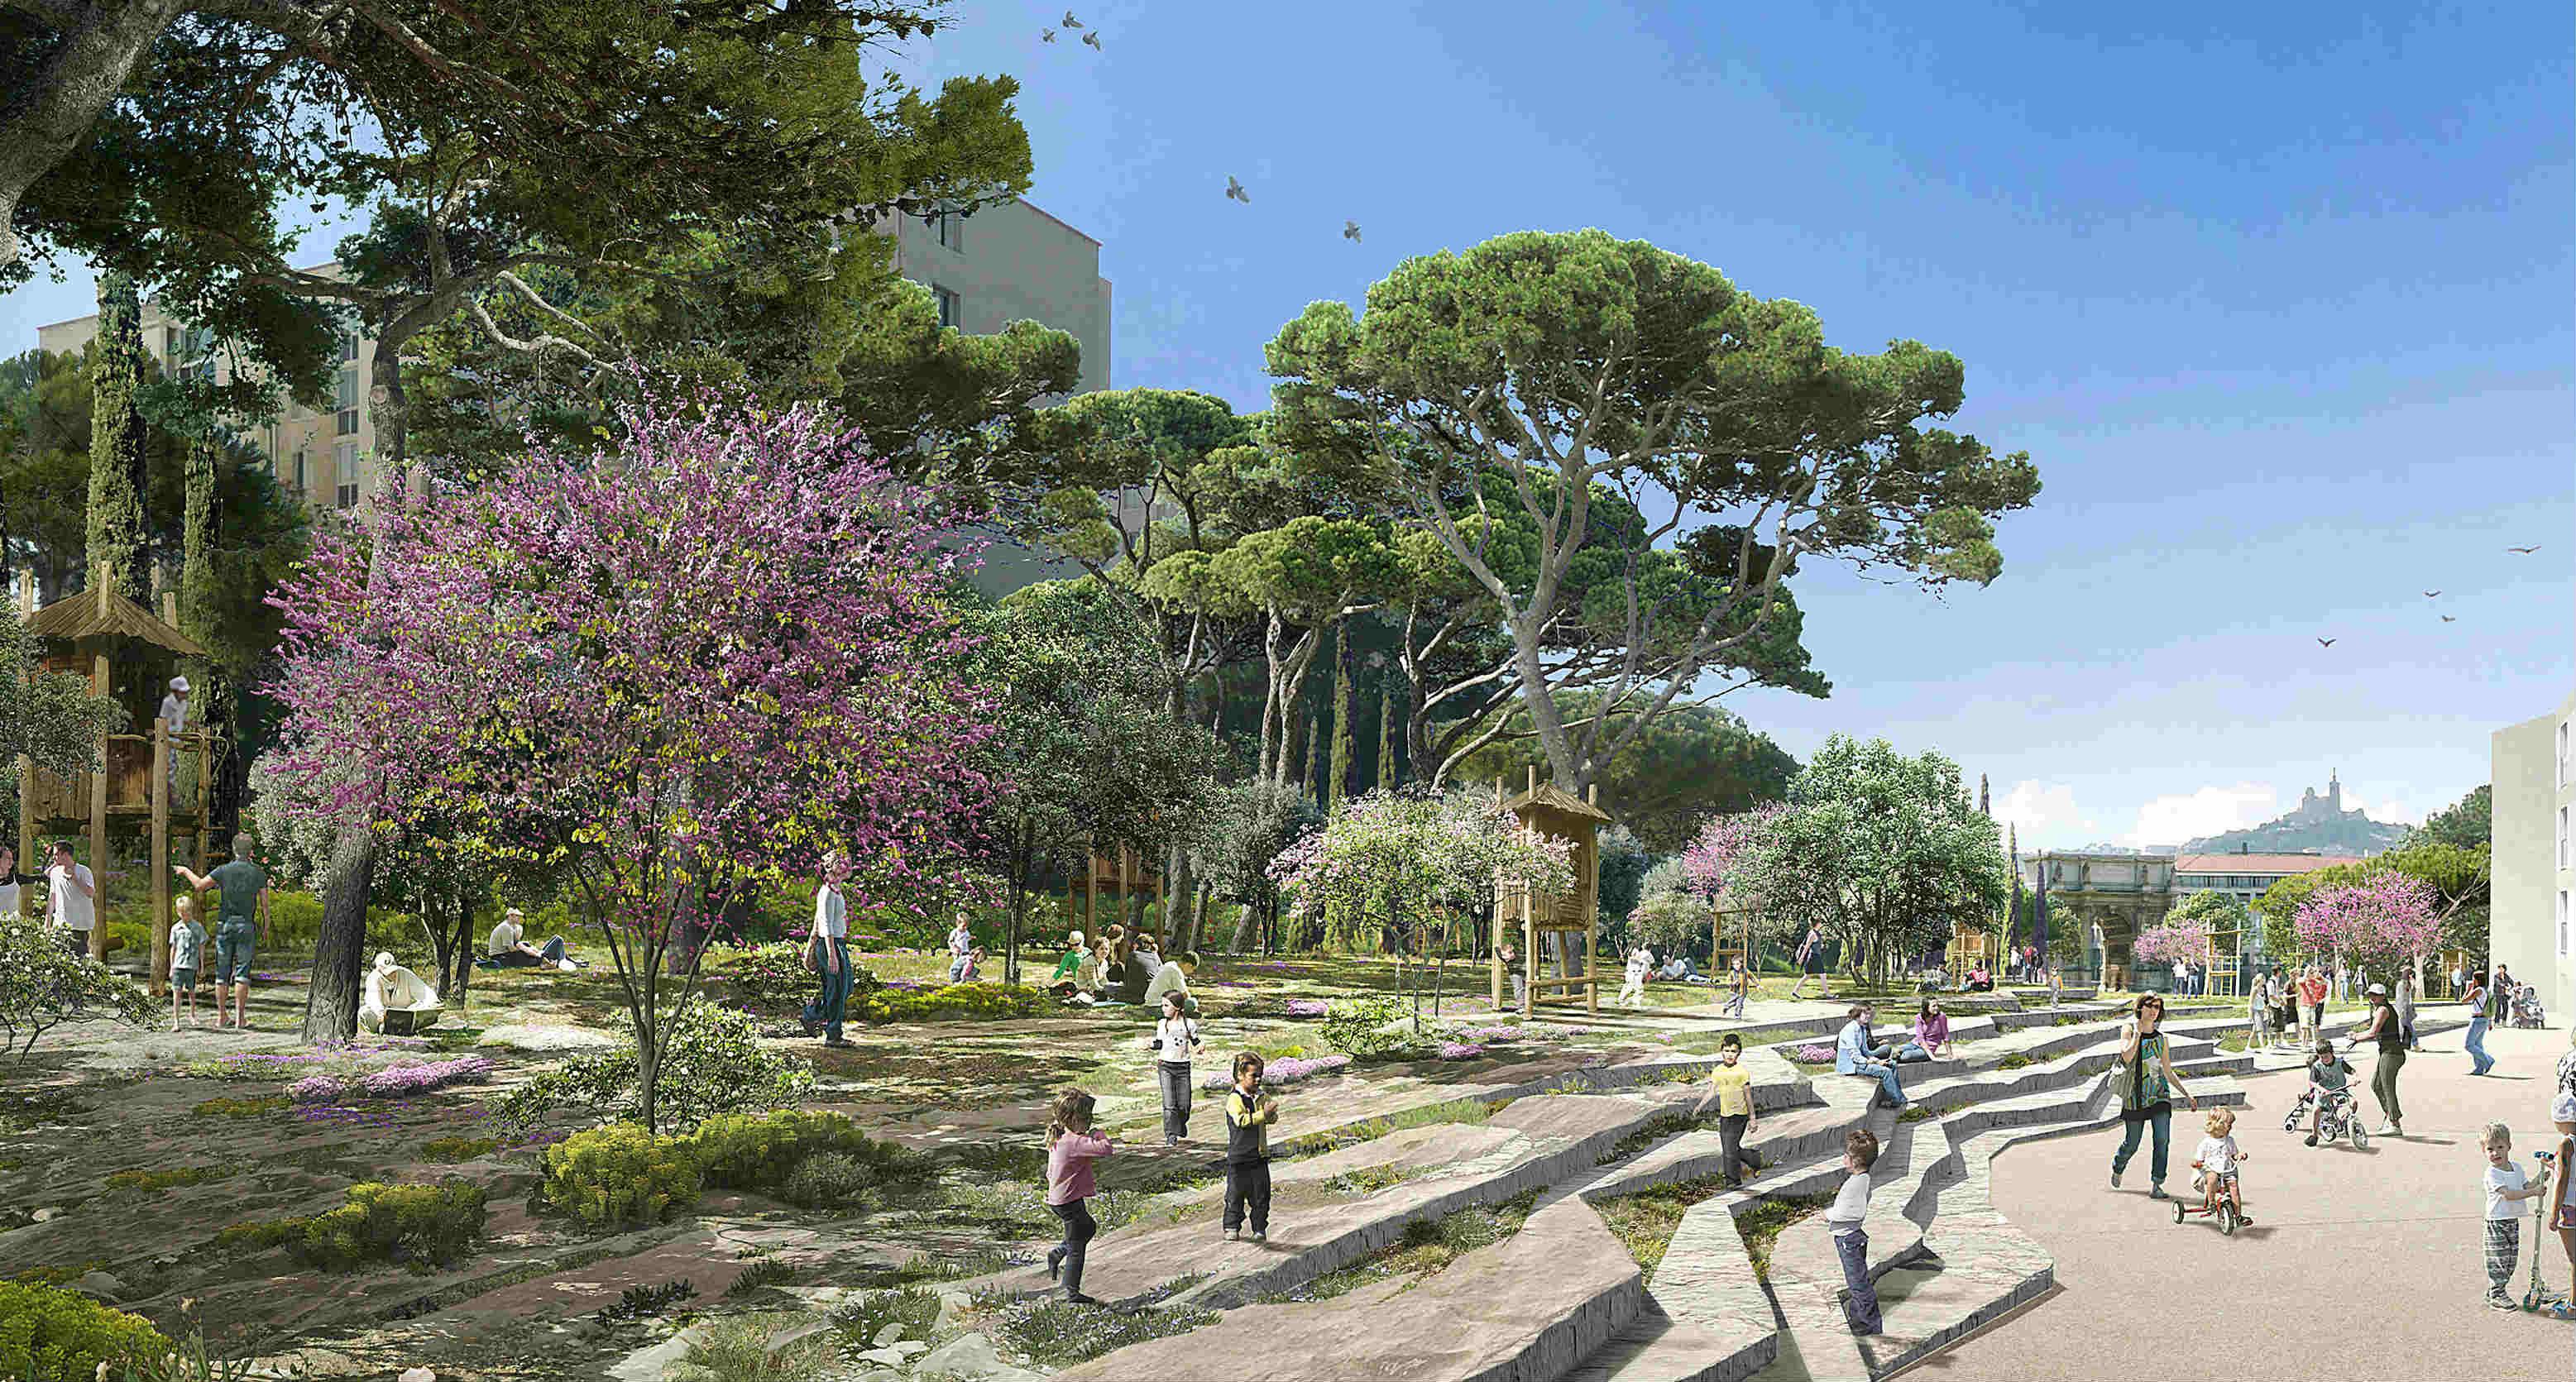 Environnement eurom diterran e veut remettre de la for La ville nature